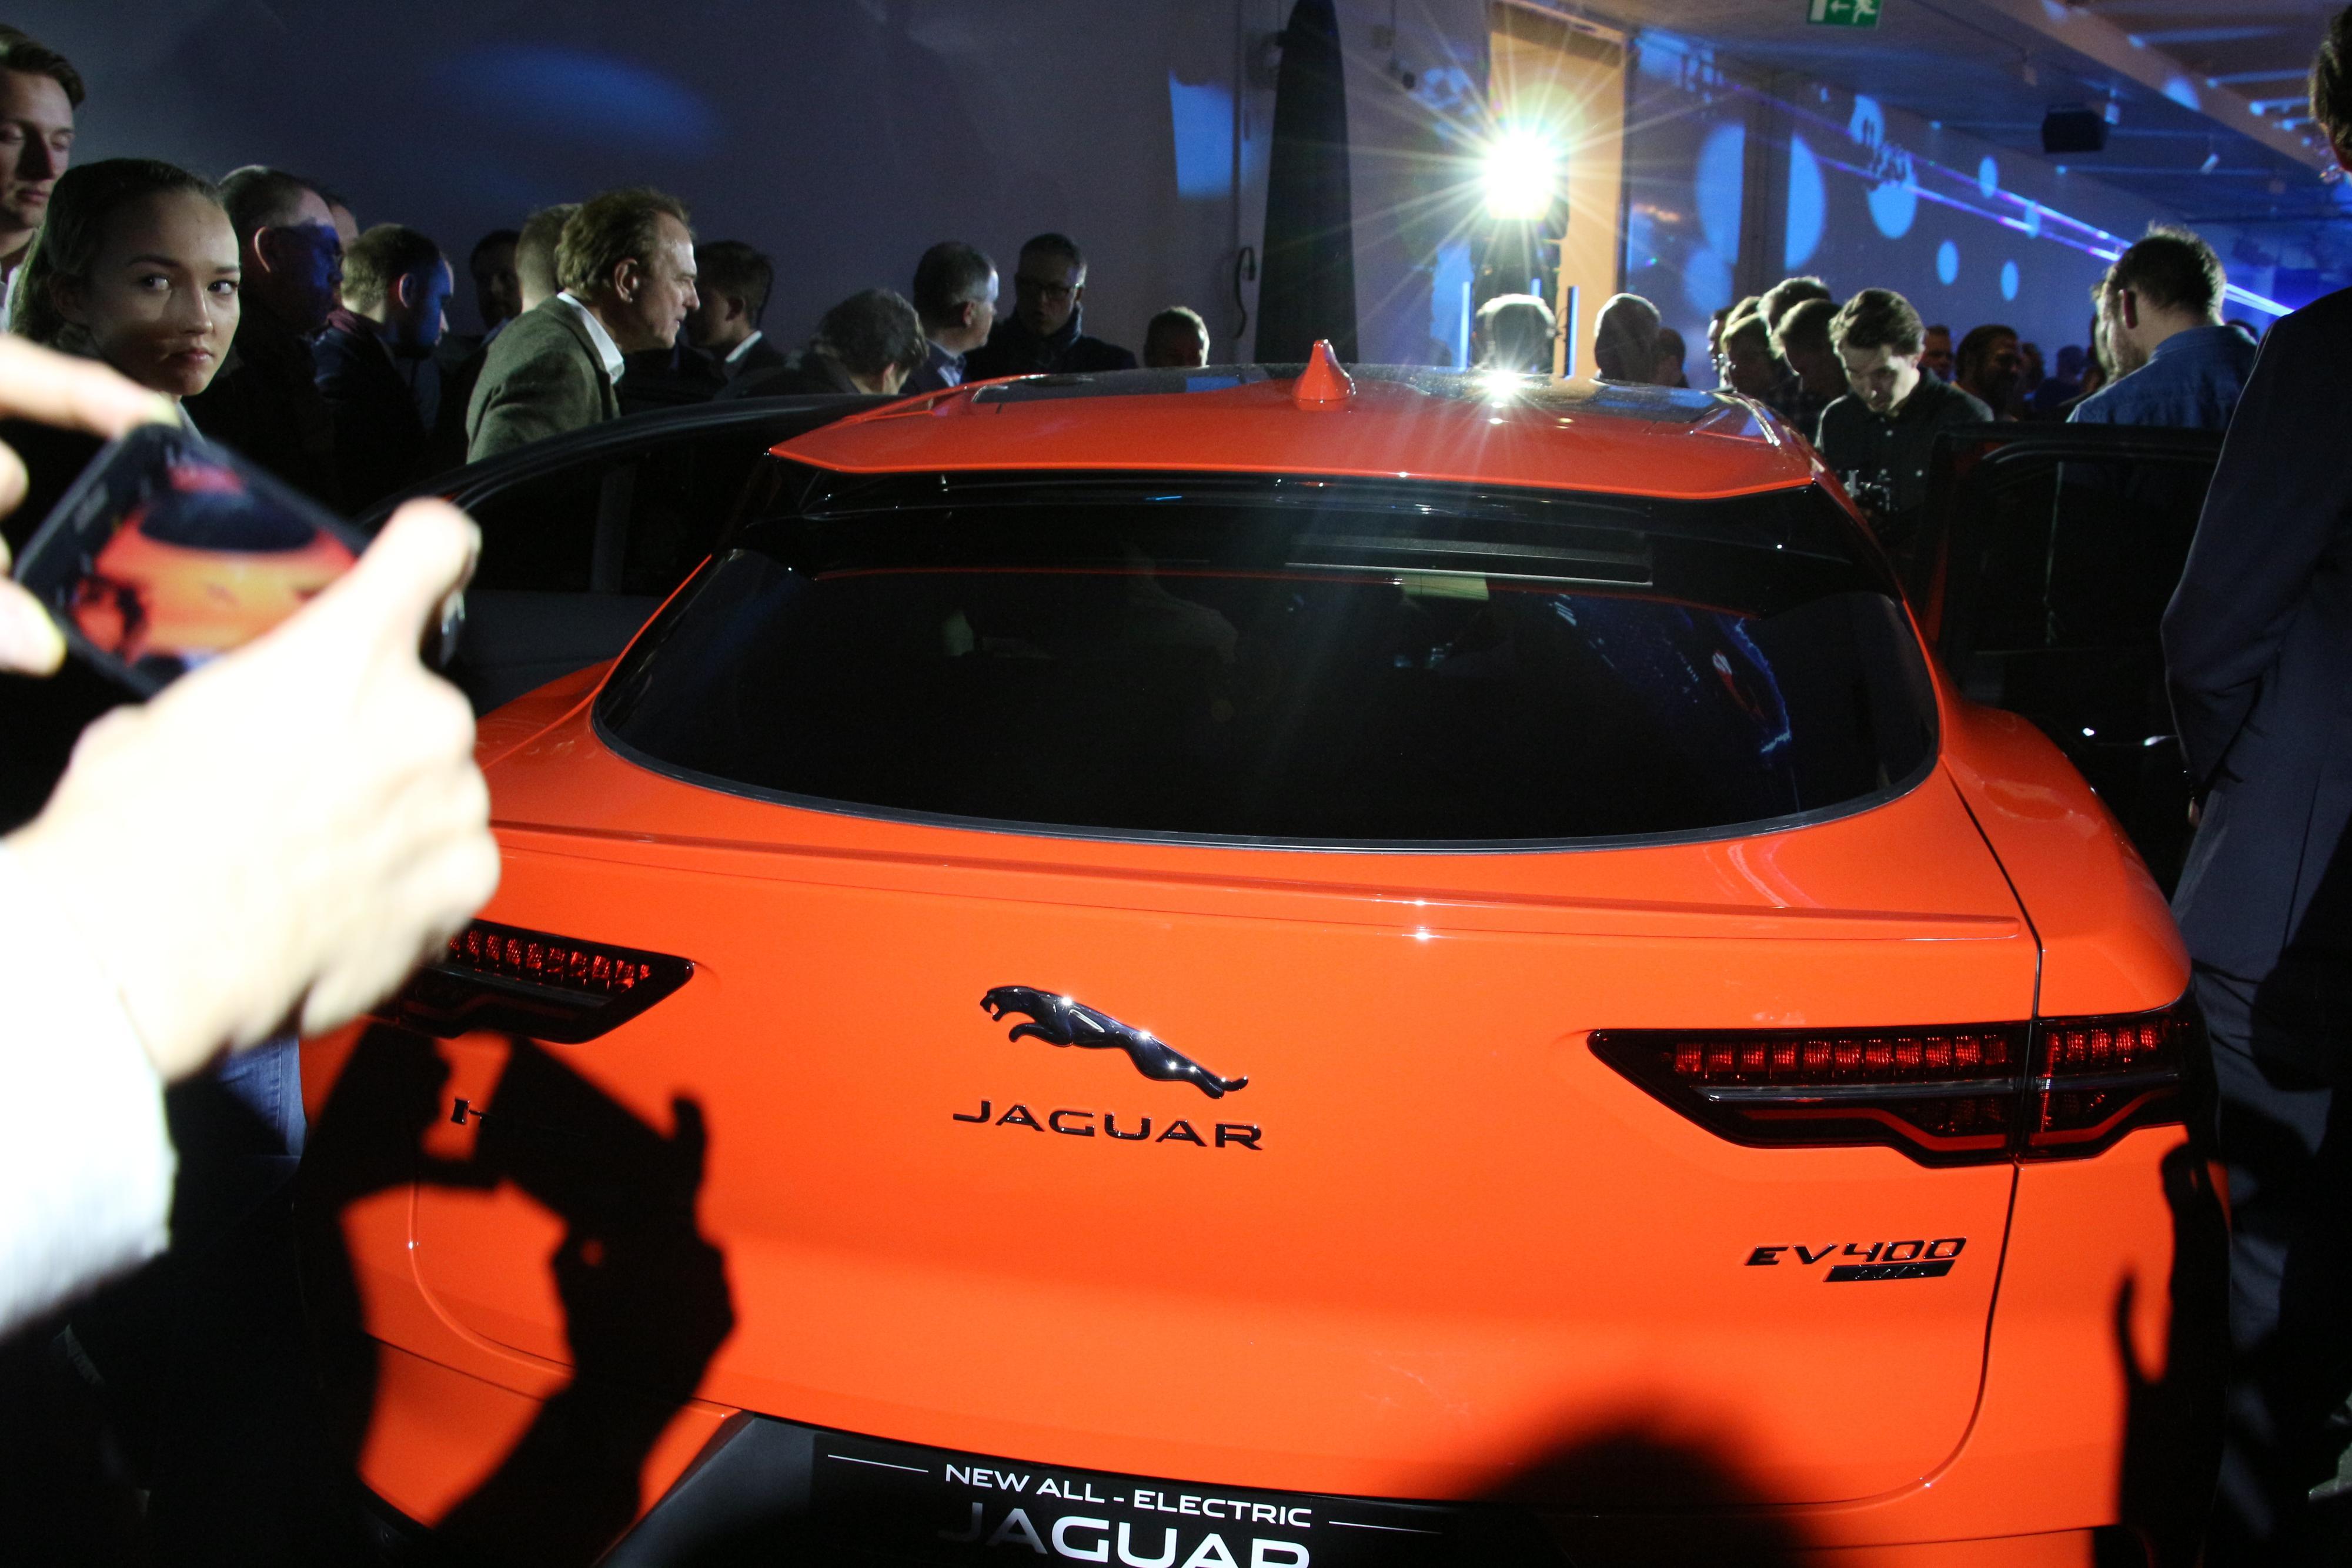 Jaguar i-Pace har ingen vindusvisker bak. Bilen skal være så aerodynamisk at det ikke skal være nødvendig. Bilde: Stein Jarle Olsen, Tek.no